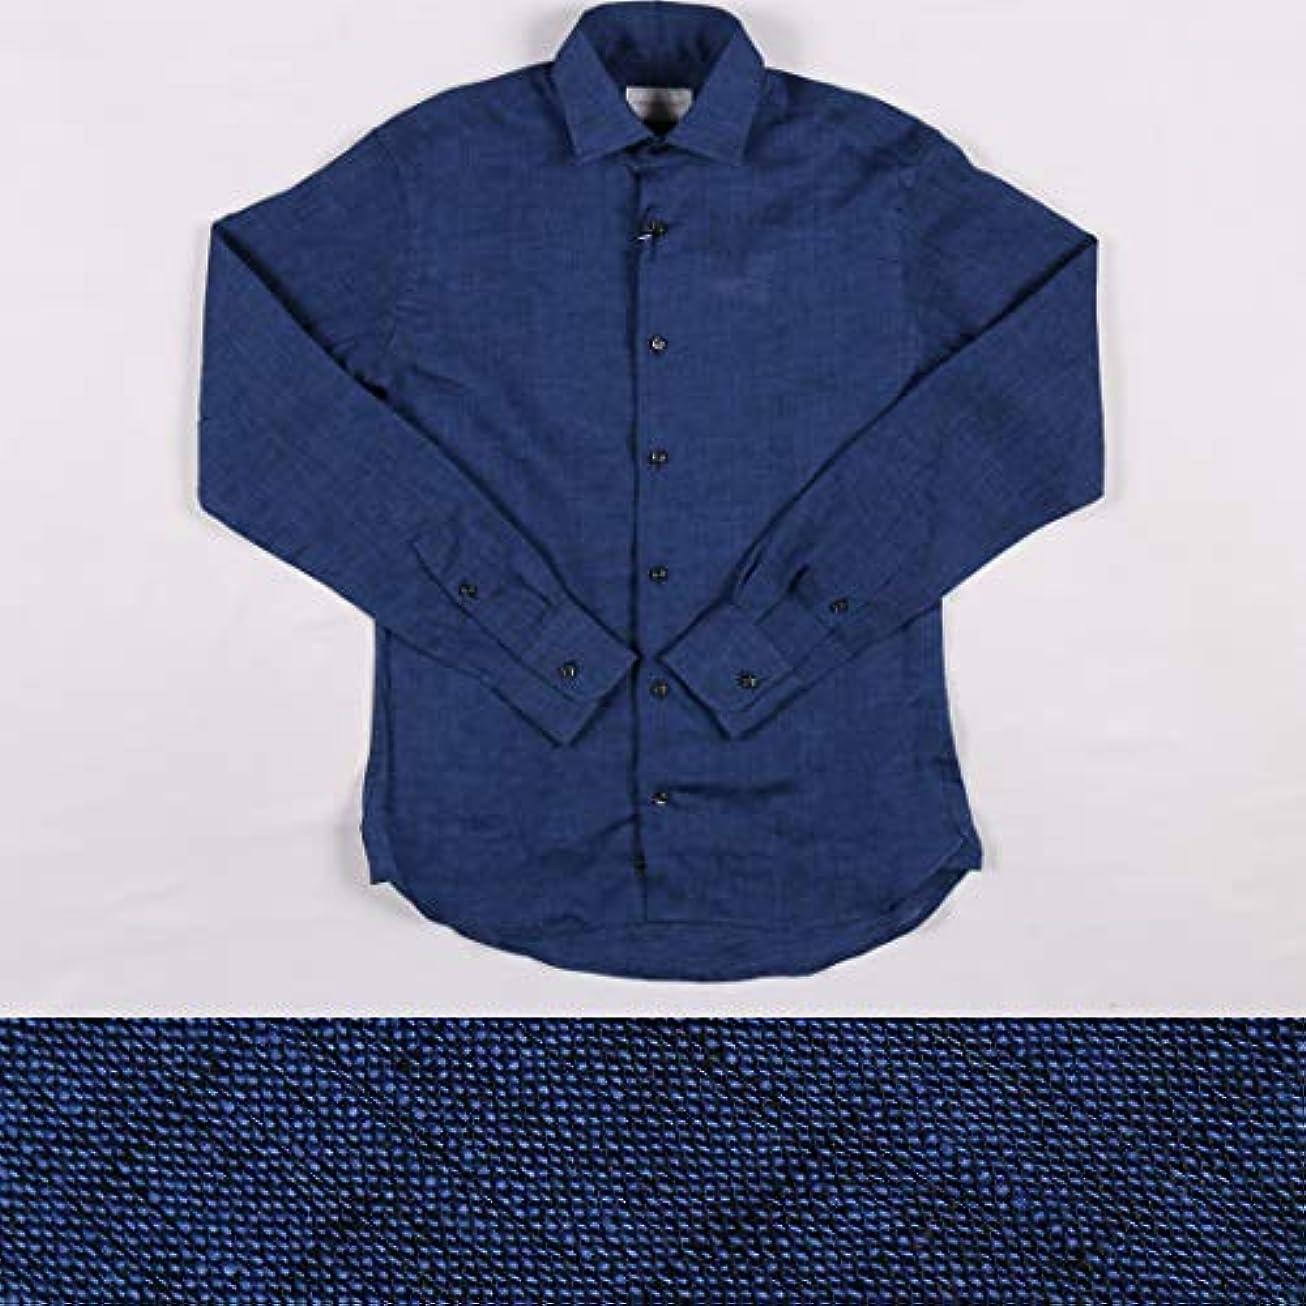 重くするに付けるワークショップStefano Conti リネン100% 長袖シャツ LAUREA navy XL 16524【S16532】 ステファノ?コンティ [並行輸入品]